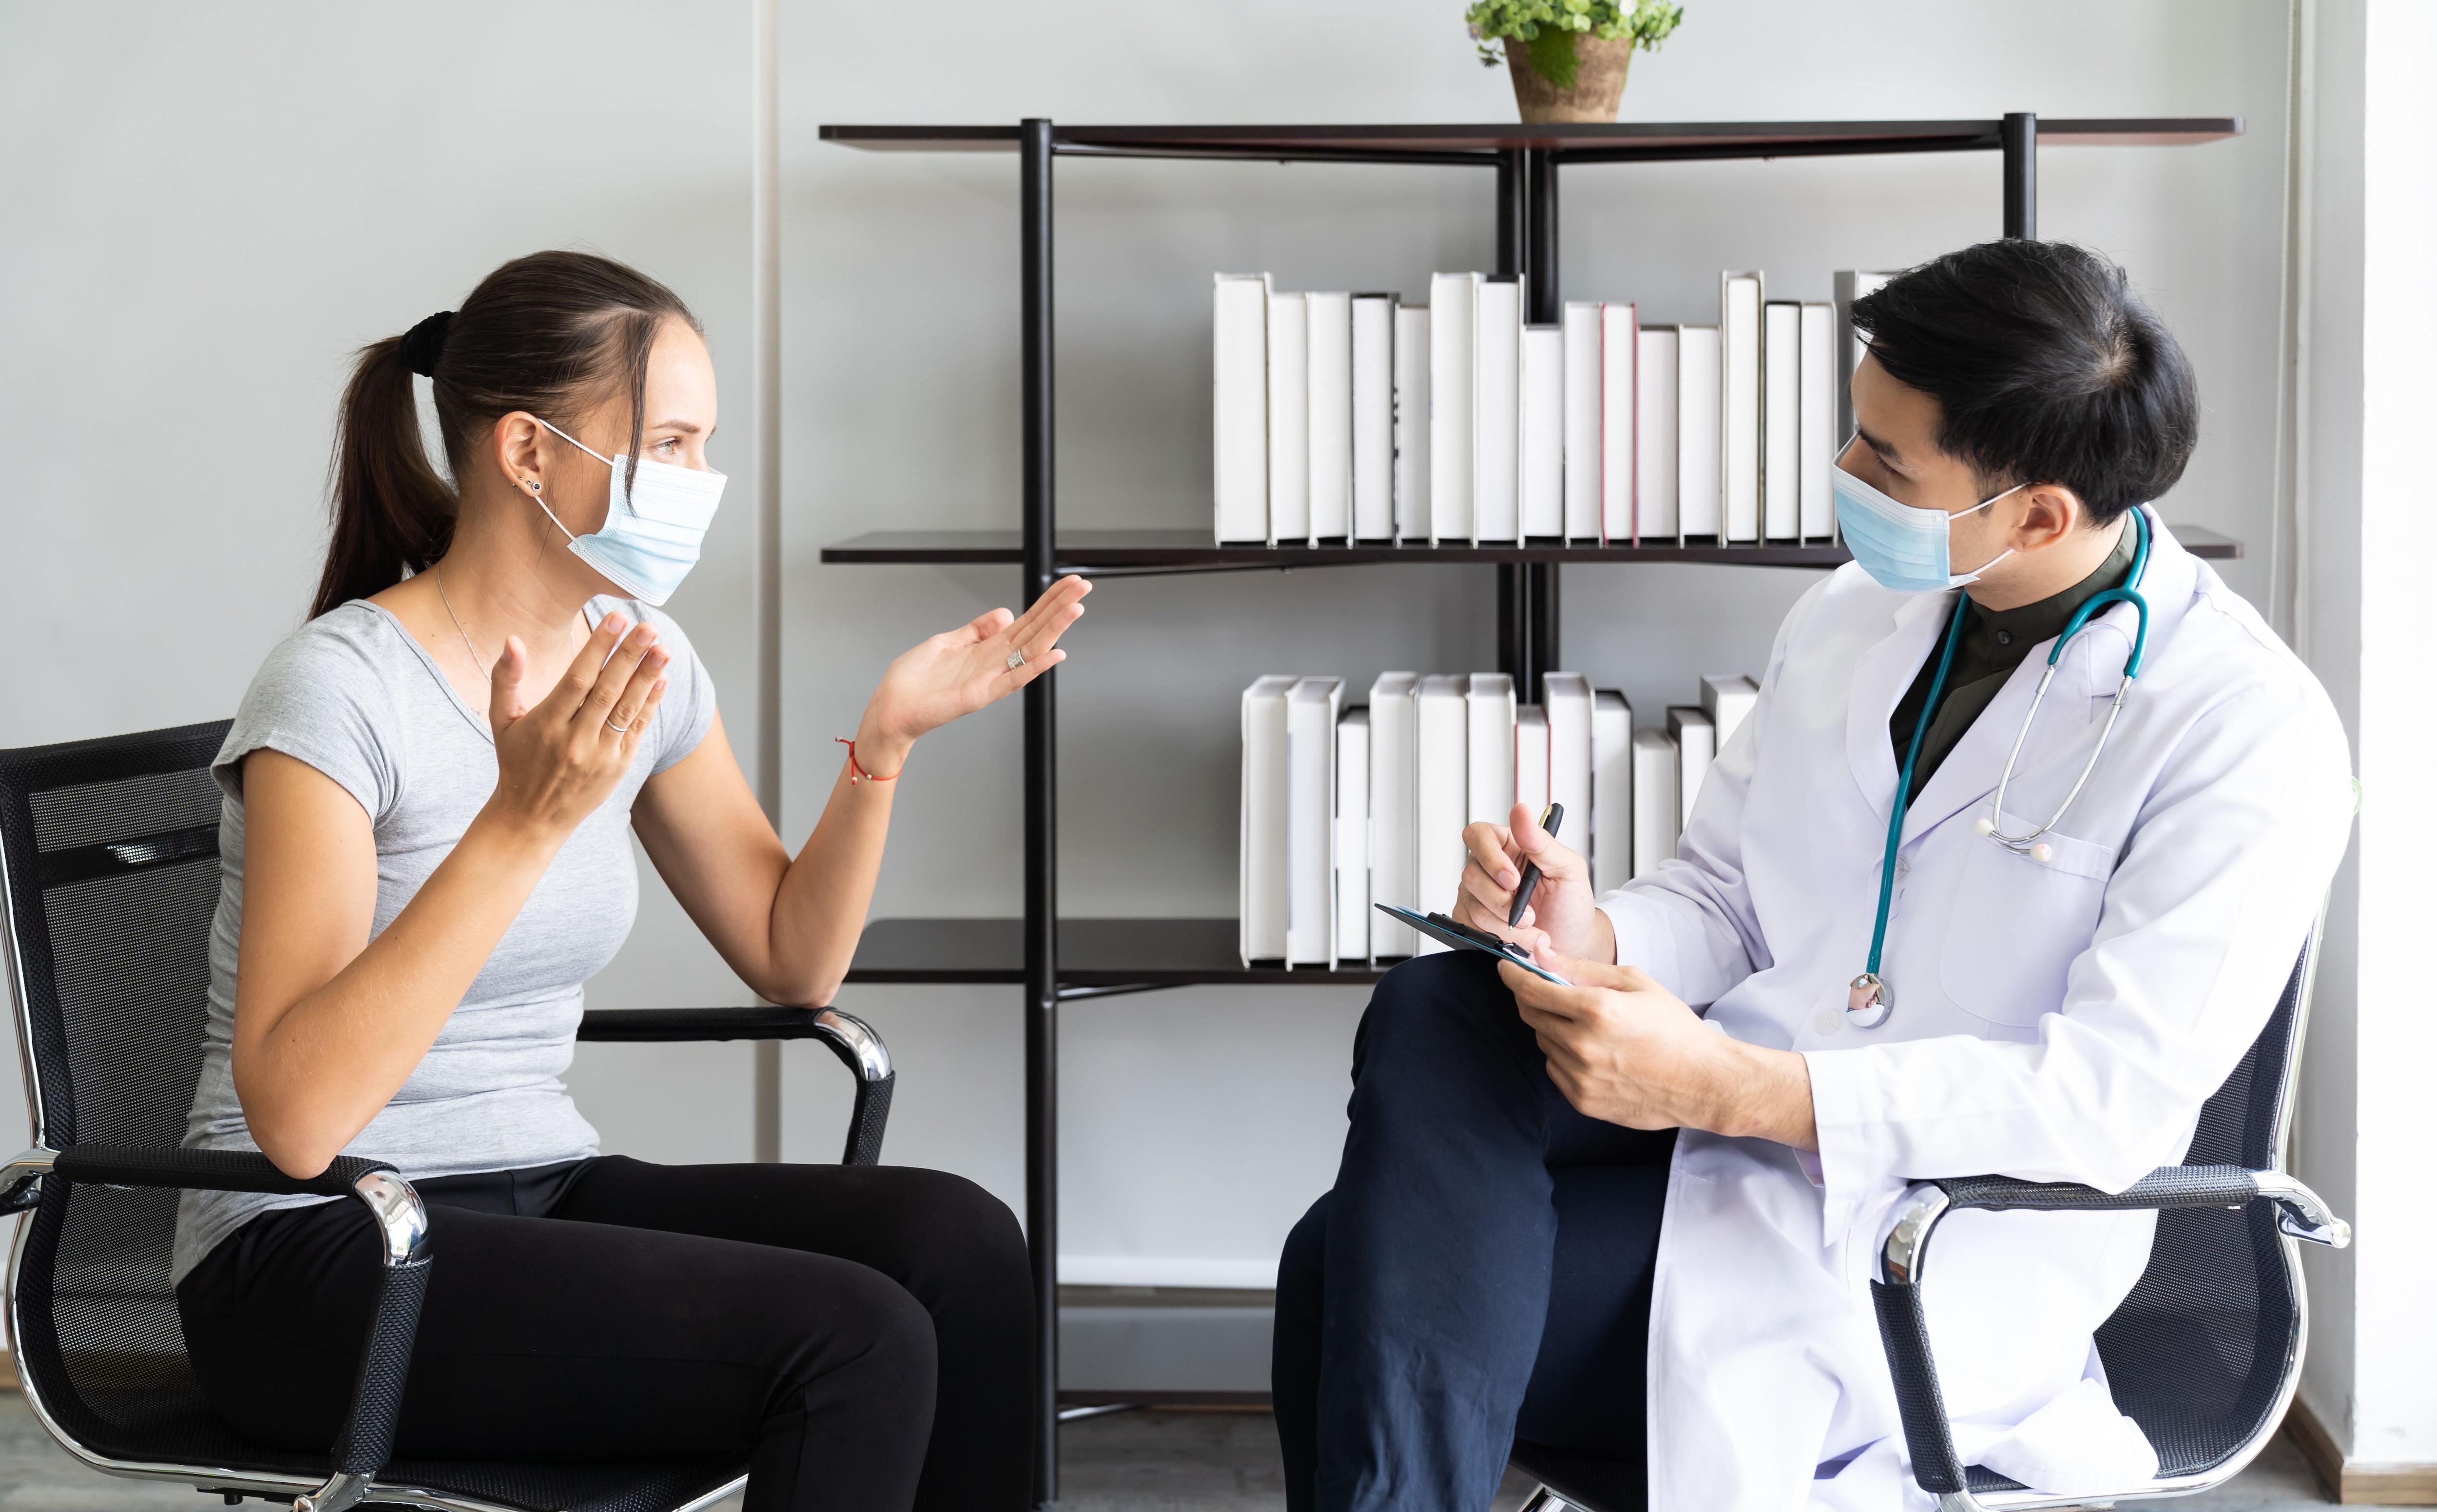 Los aspirantes a psicólogos han visto el potencial de la carrera ante las necesidades de salud mental.